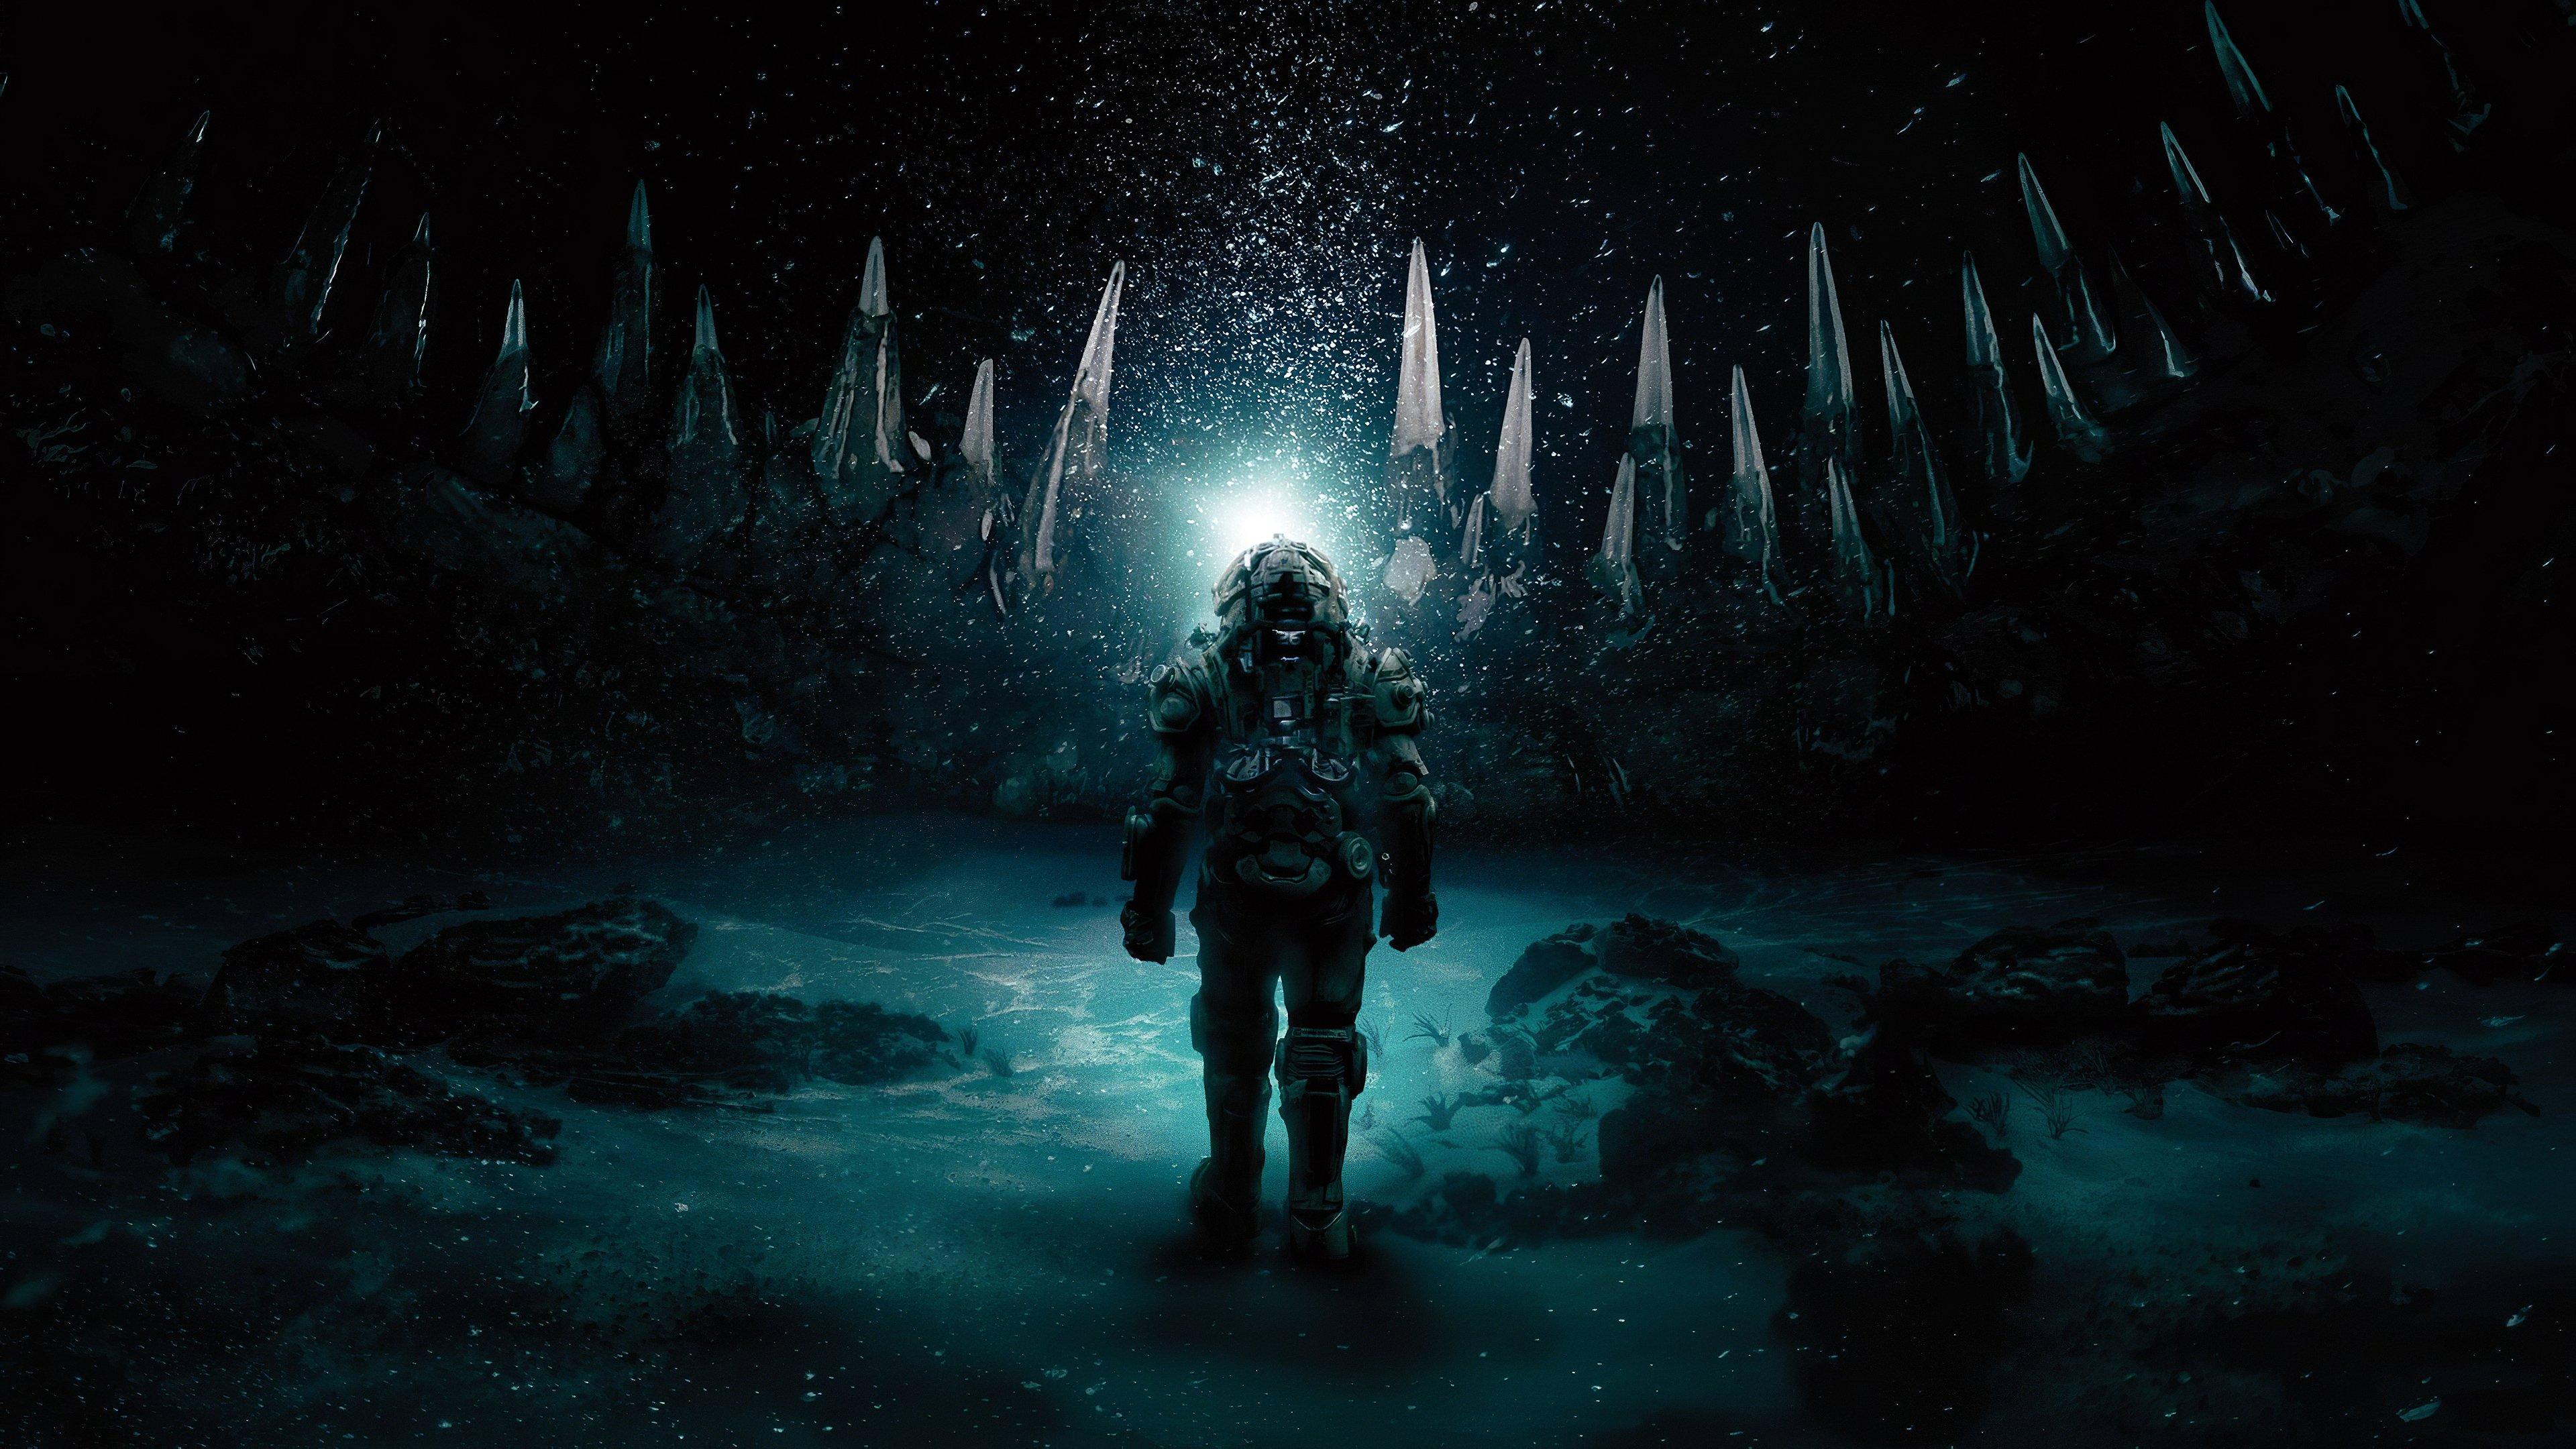 Fondos de pantalla Astronauta bajo el agua